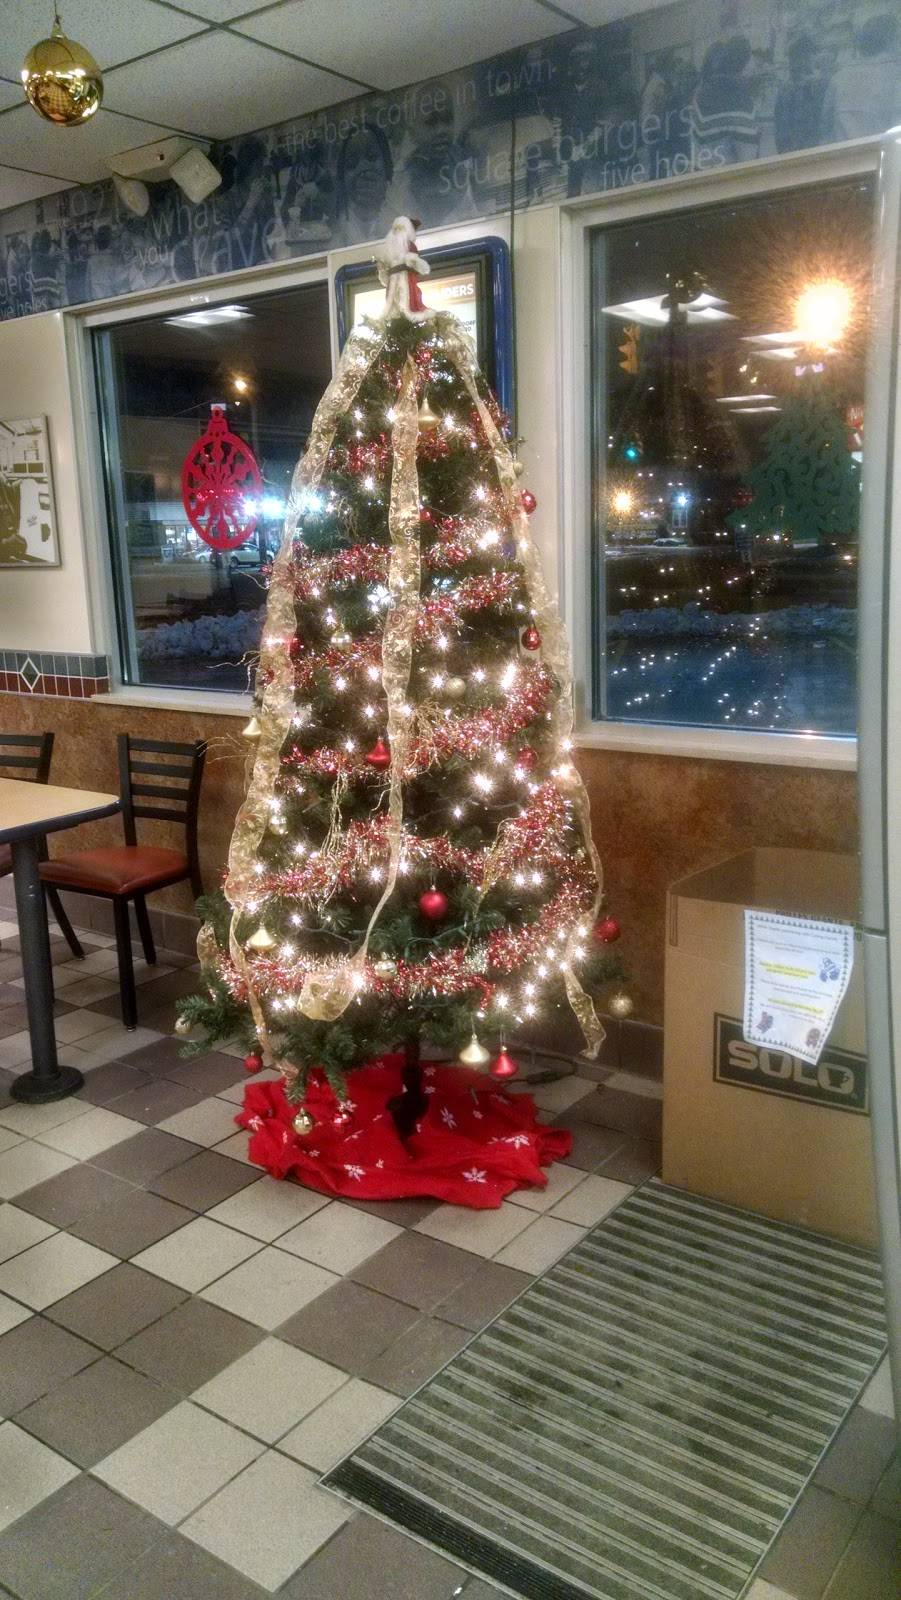 White Castle | restaurant | 4632 Calumet Ave, Hammond, IN 46327, USA | 2199373940 OR +1 219-937-3940